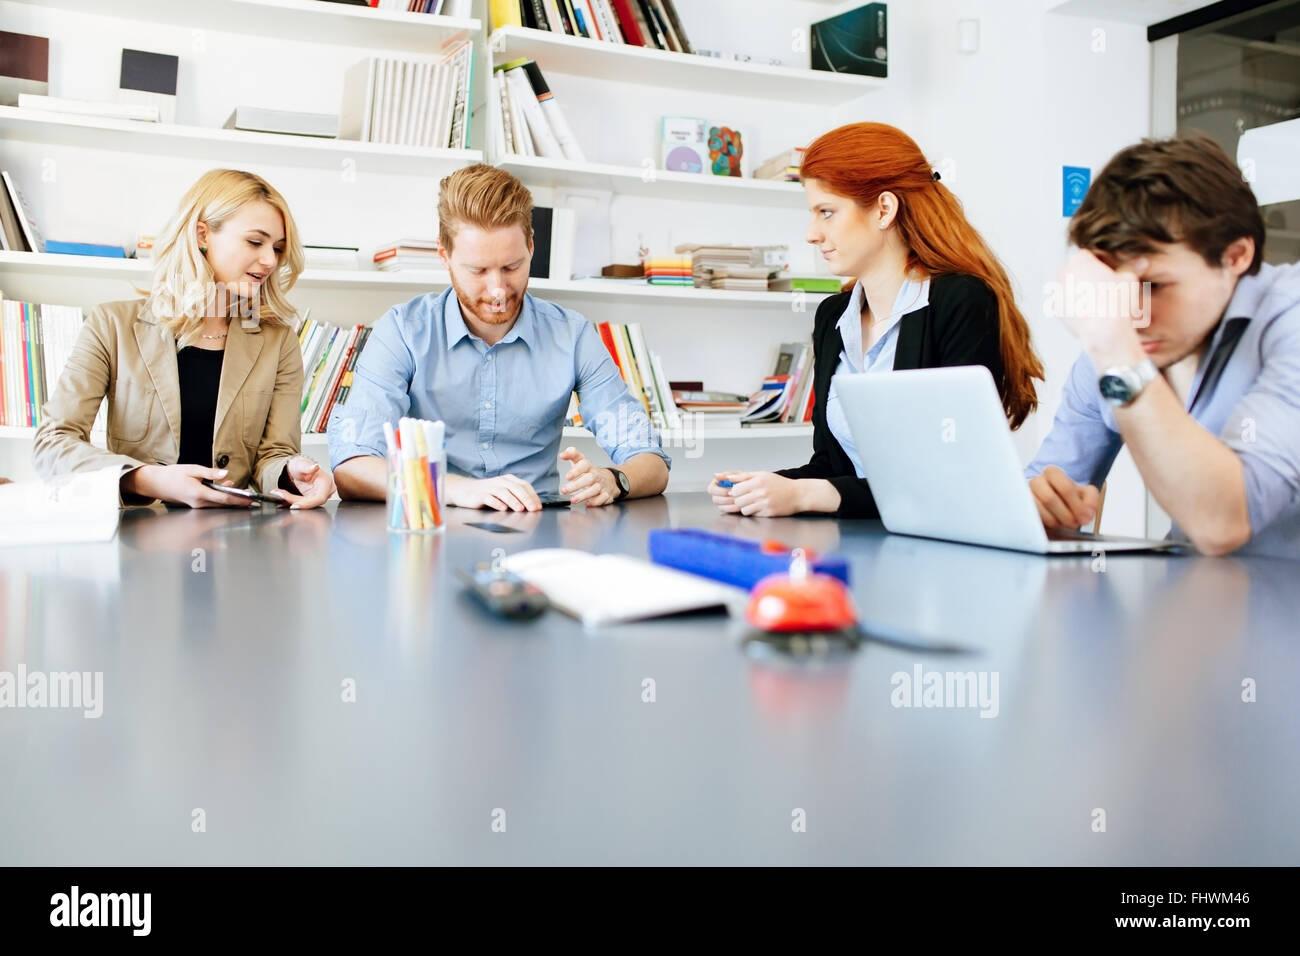 Lo stile di vita di imprenditori in ufficio moderno Immagini Stock